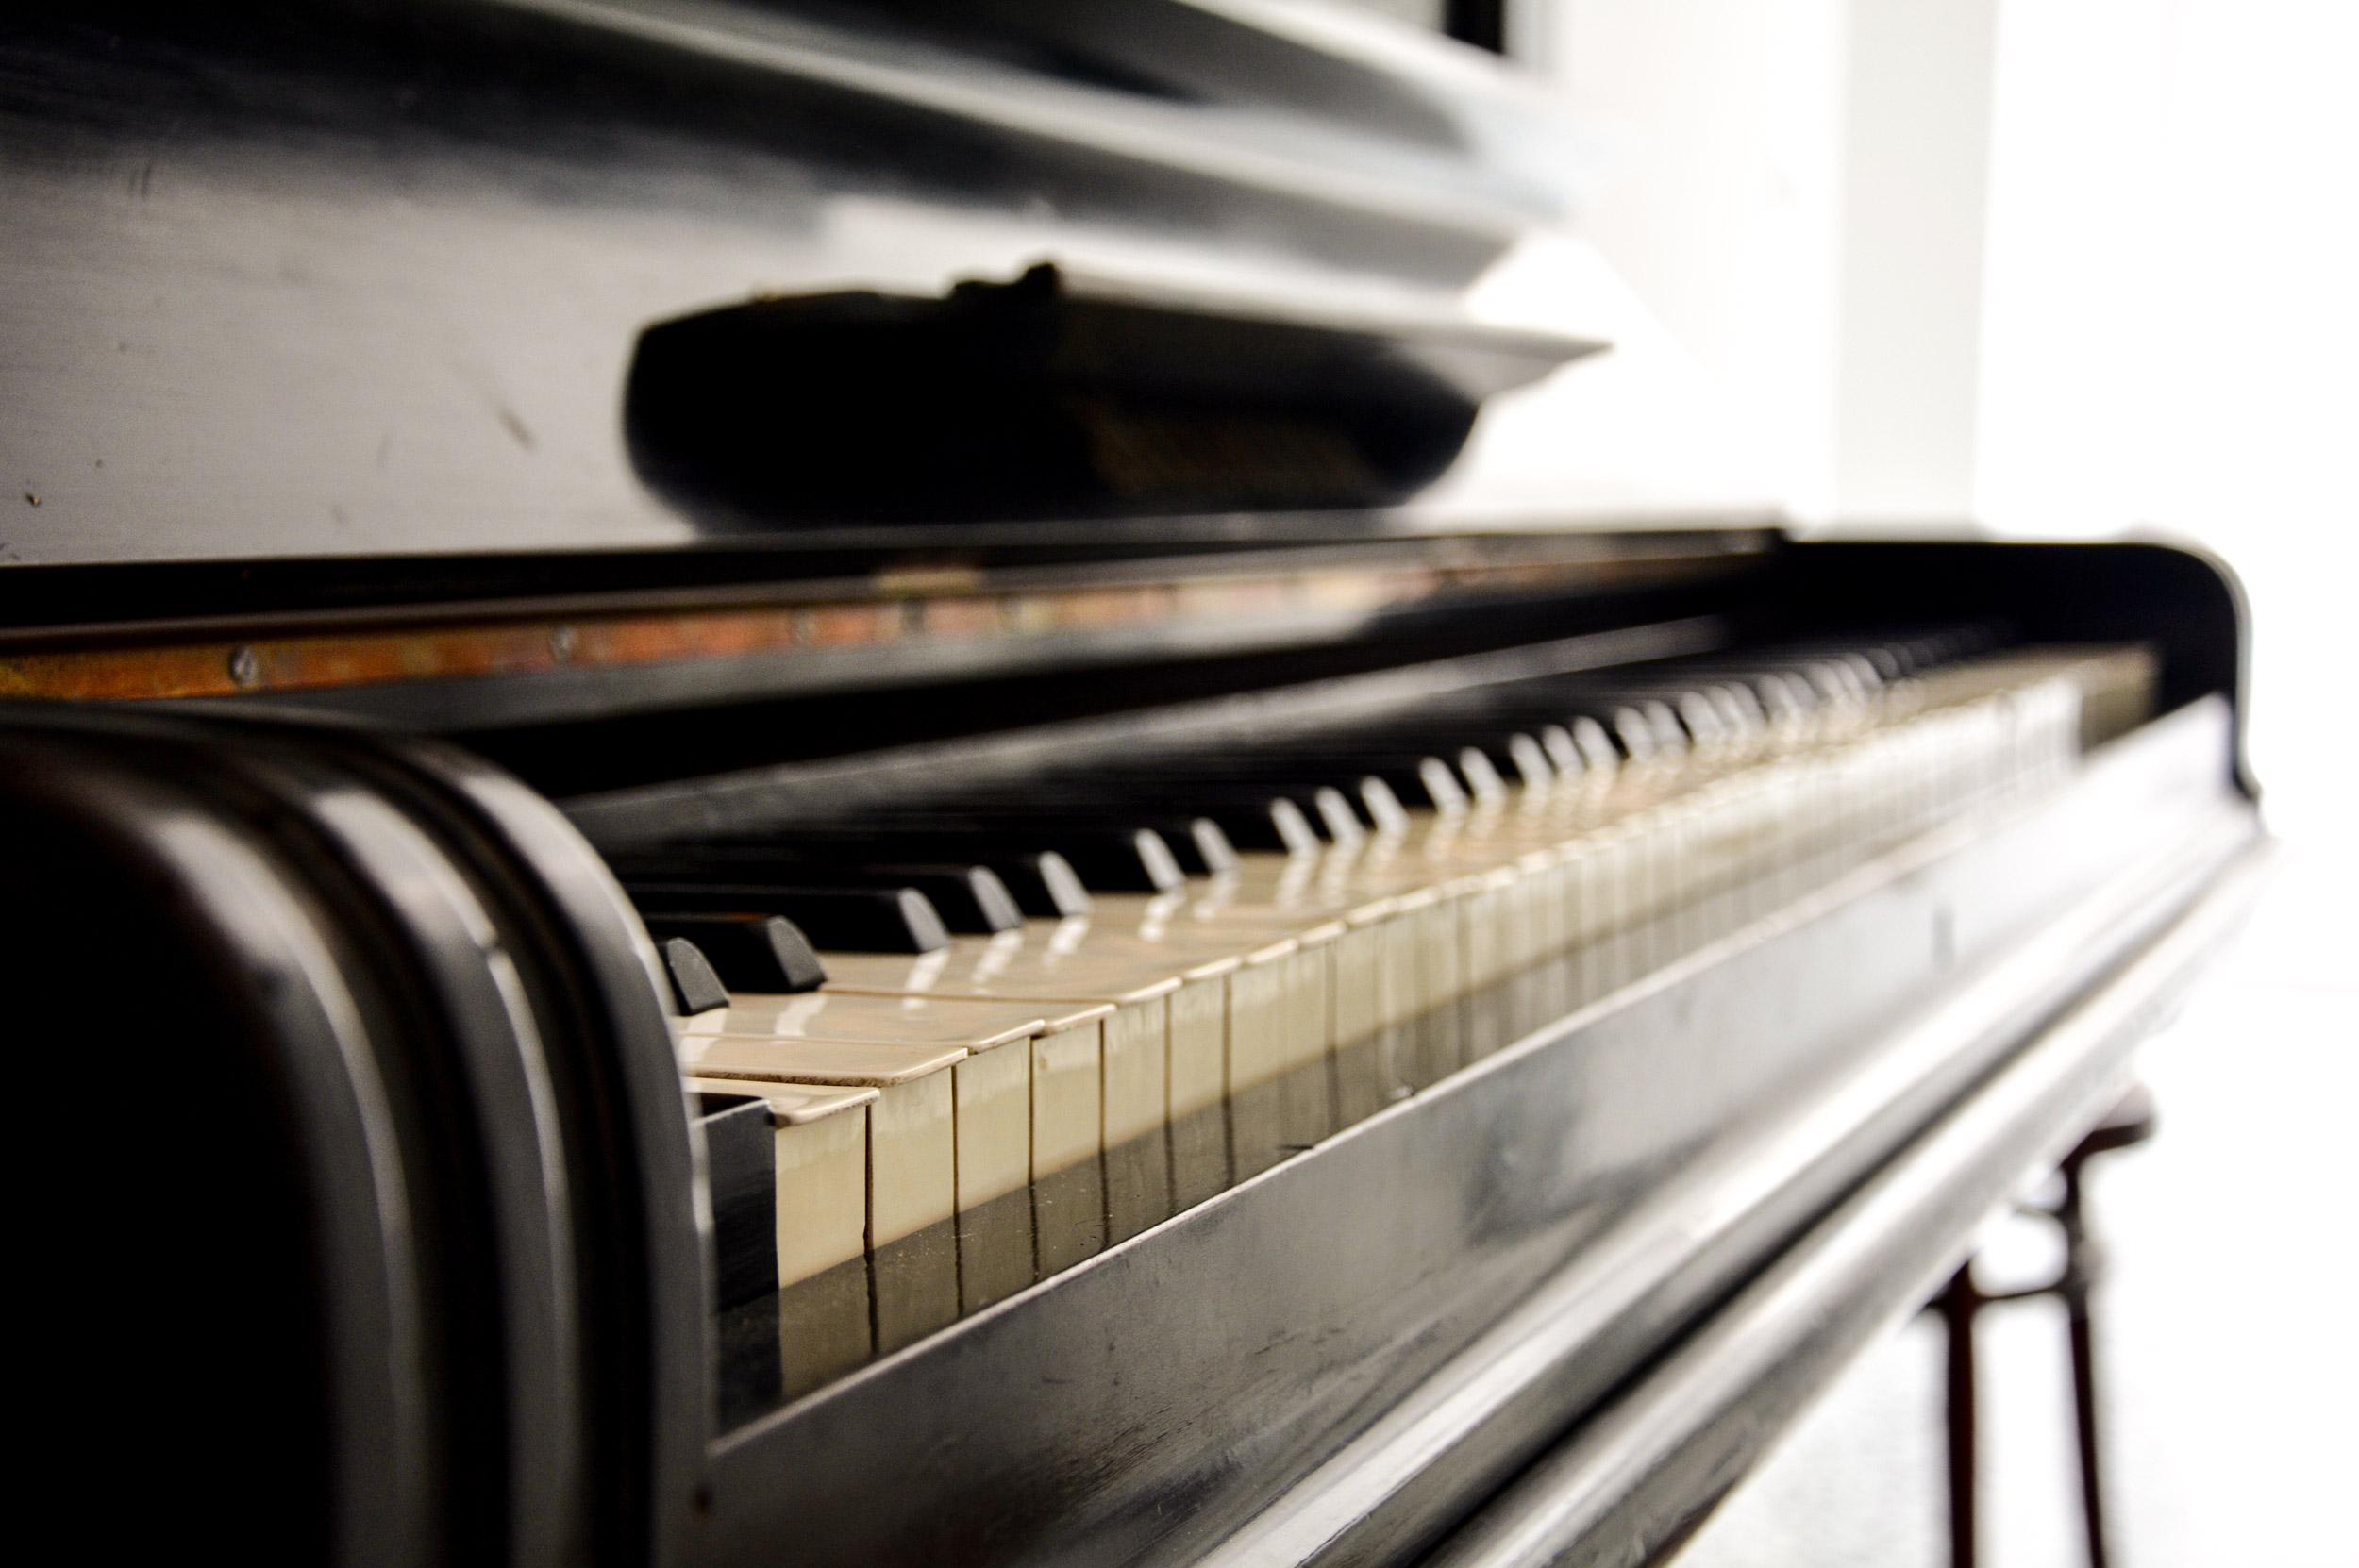 dettaglio-tastiera-pianoforte-palazzo-didonna